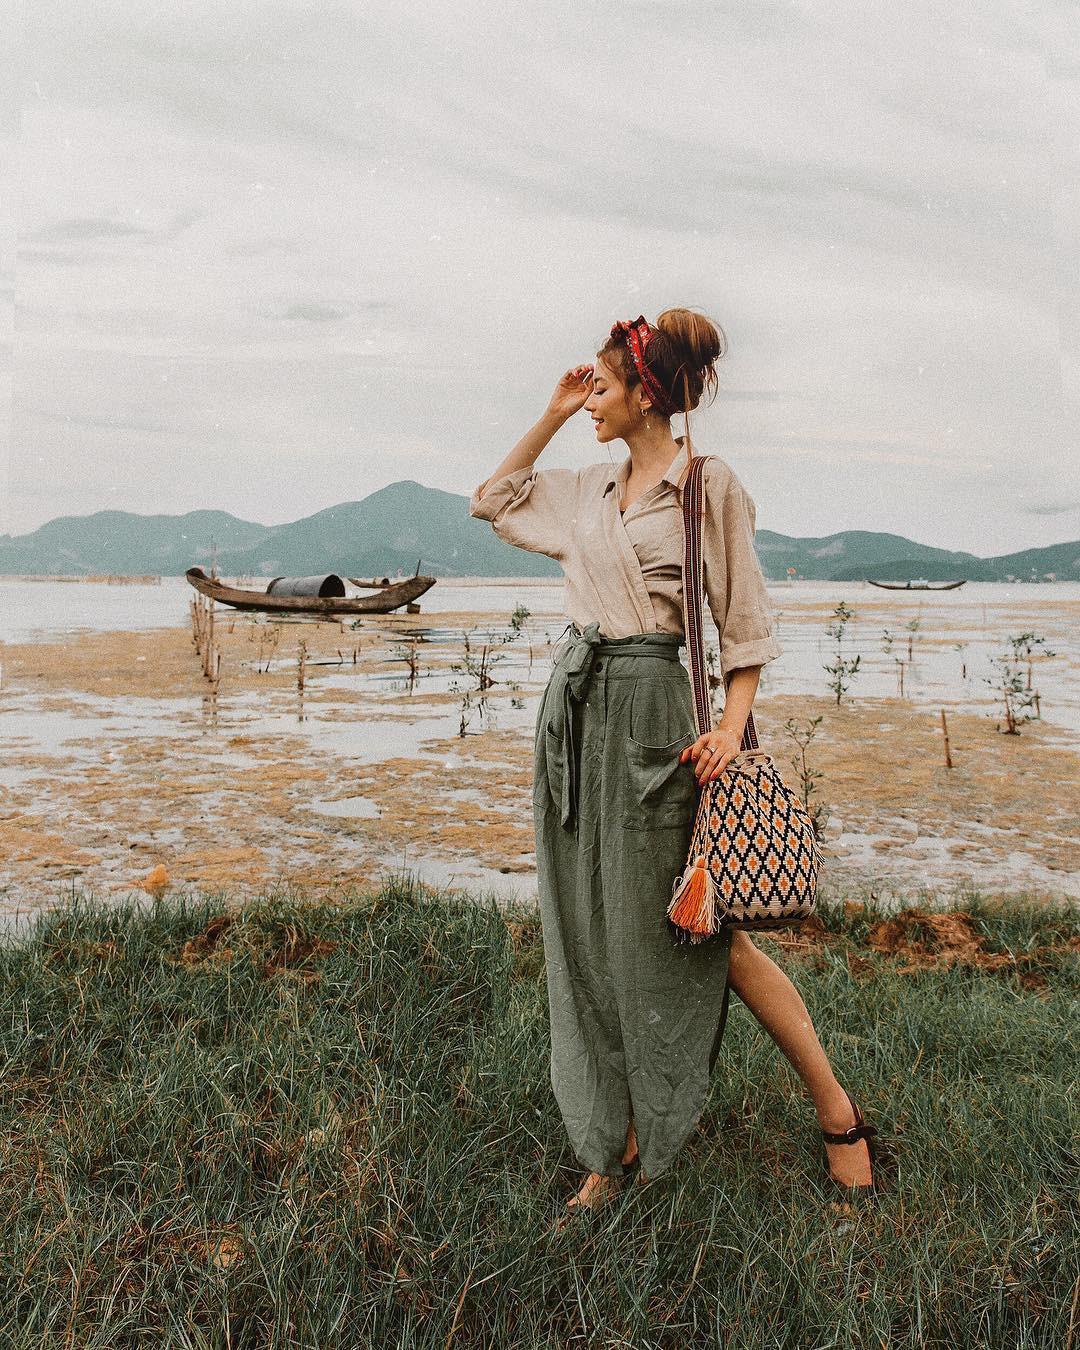 Thêm những bức ảnh đẹp mê mẩn của công chúa tóc mây Sarah Trần trong chuyến du hí Việt Nam - Ảnh 9.